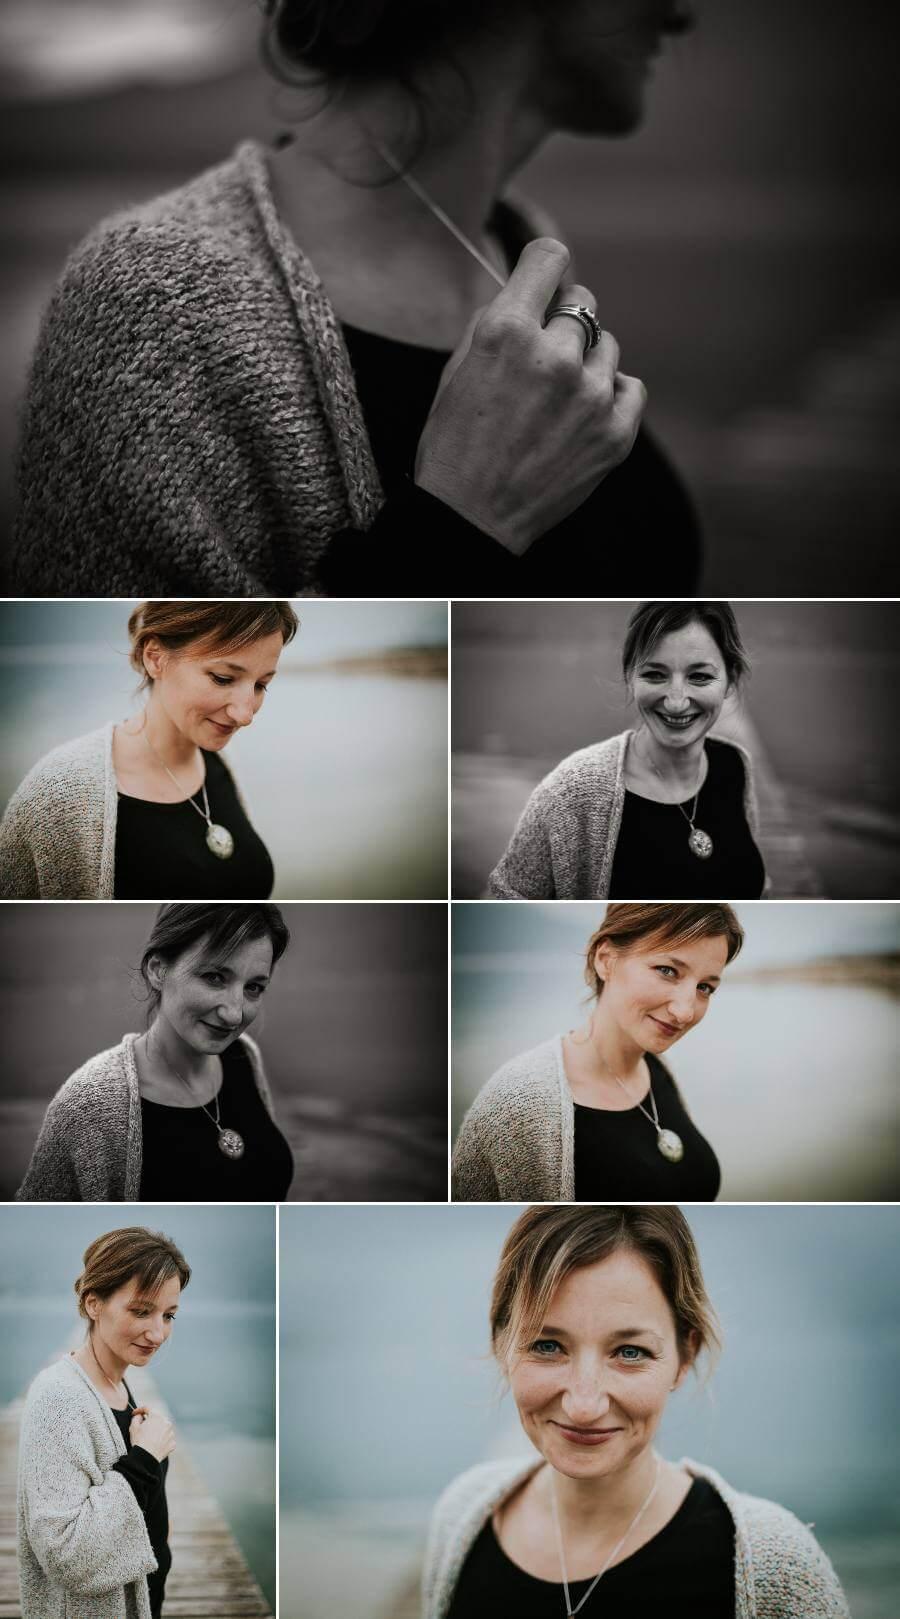 photographe lifestyle femme portrait noir et blanc sourire douceur naturel authentique lac du bourget dent du chat savoie